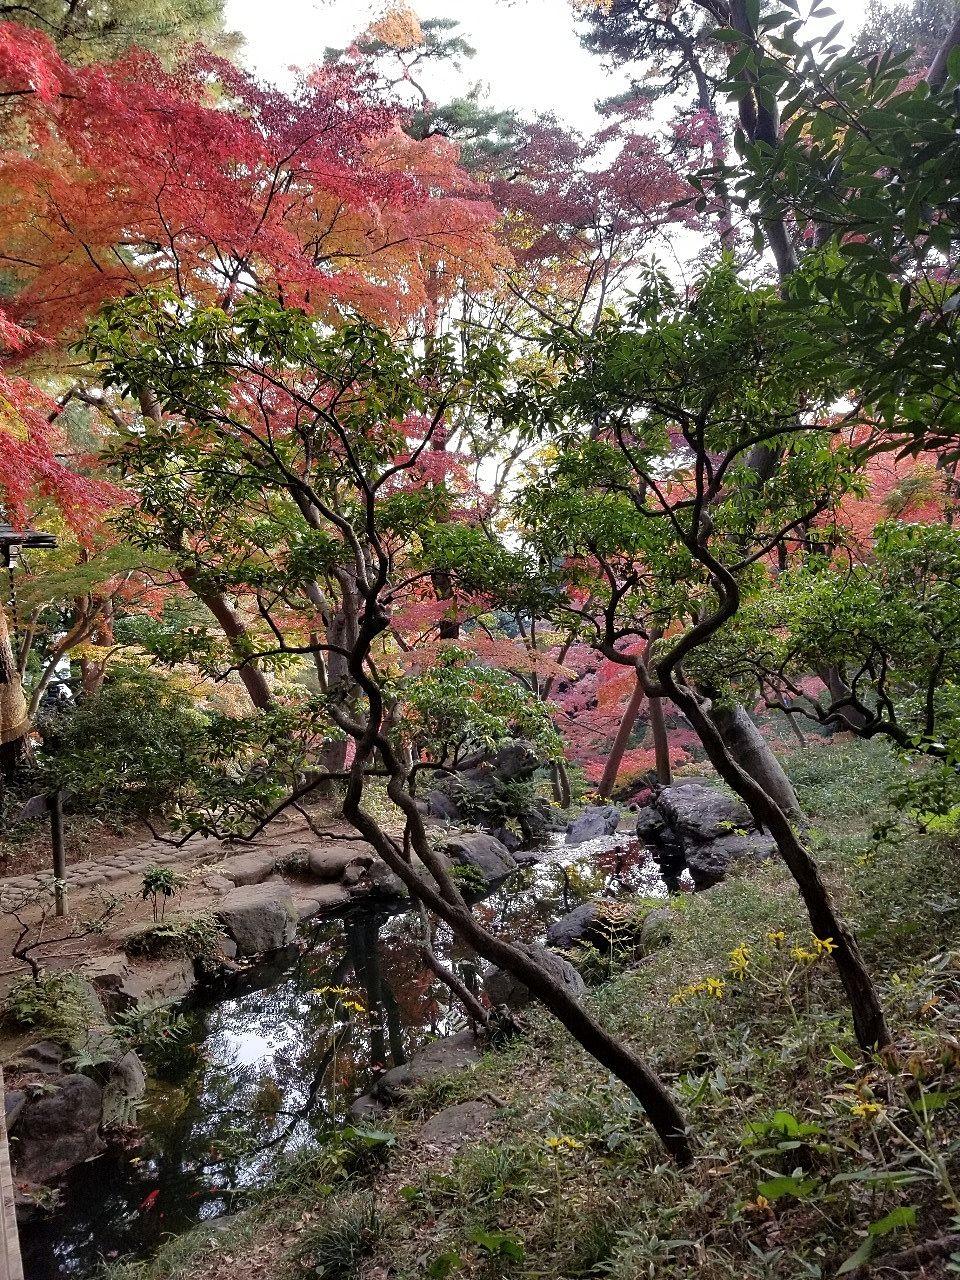 崖から流れ落ちる湧水と木々